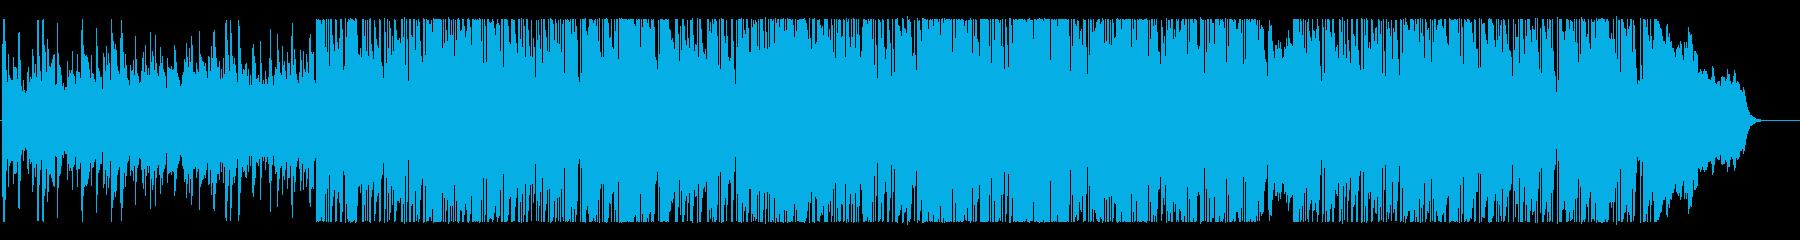 ゴージャスで優美なBGMの再生済みの波形